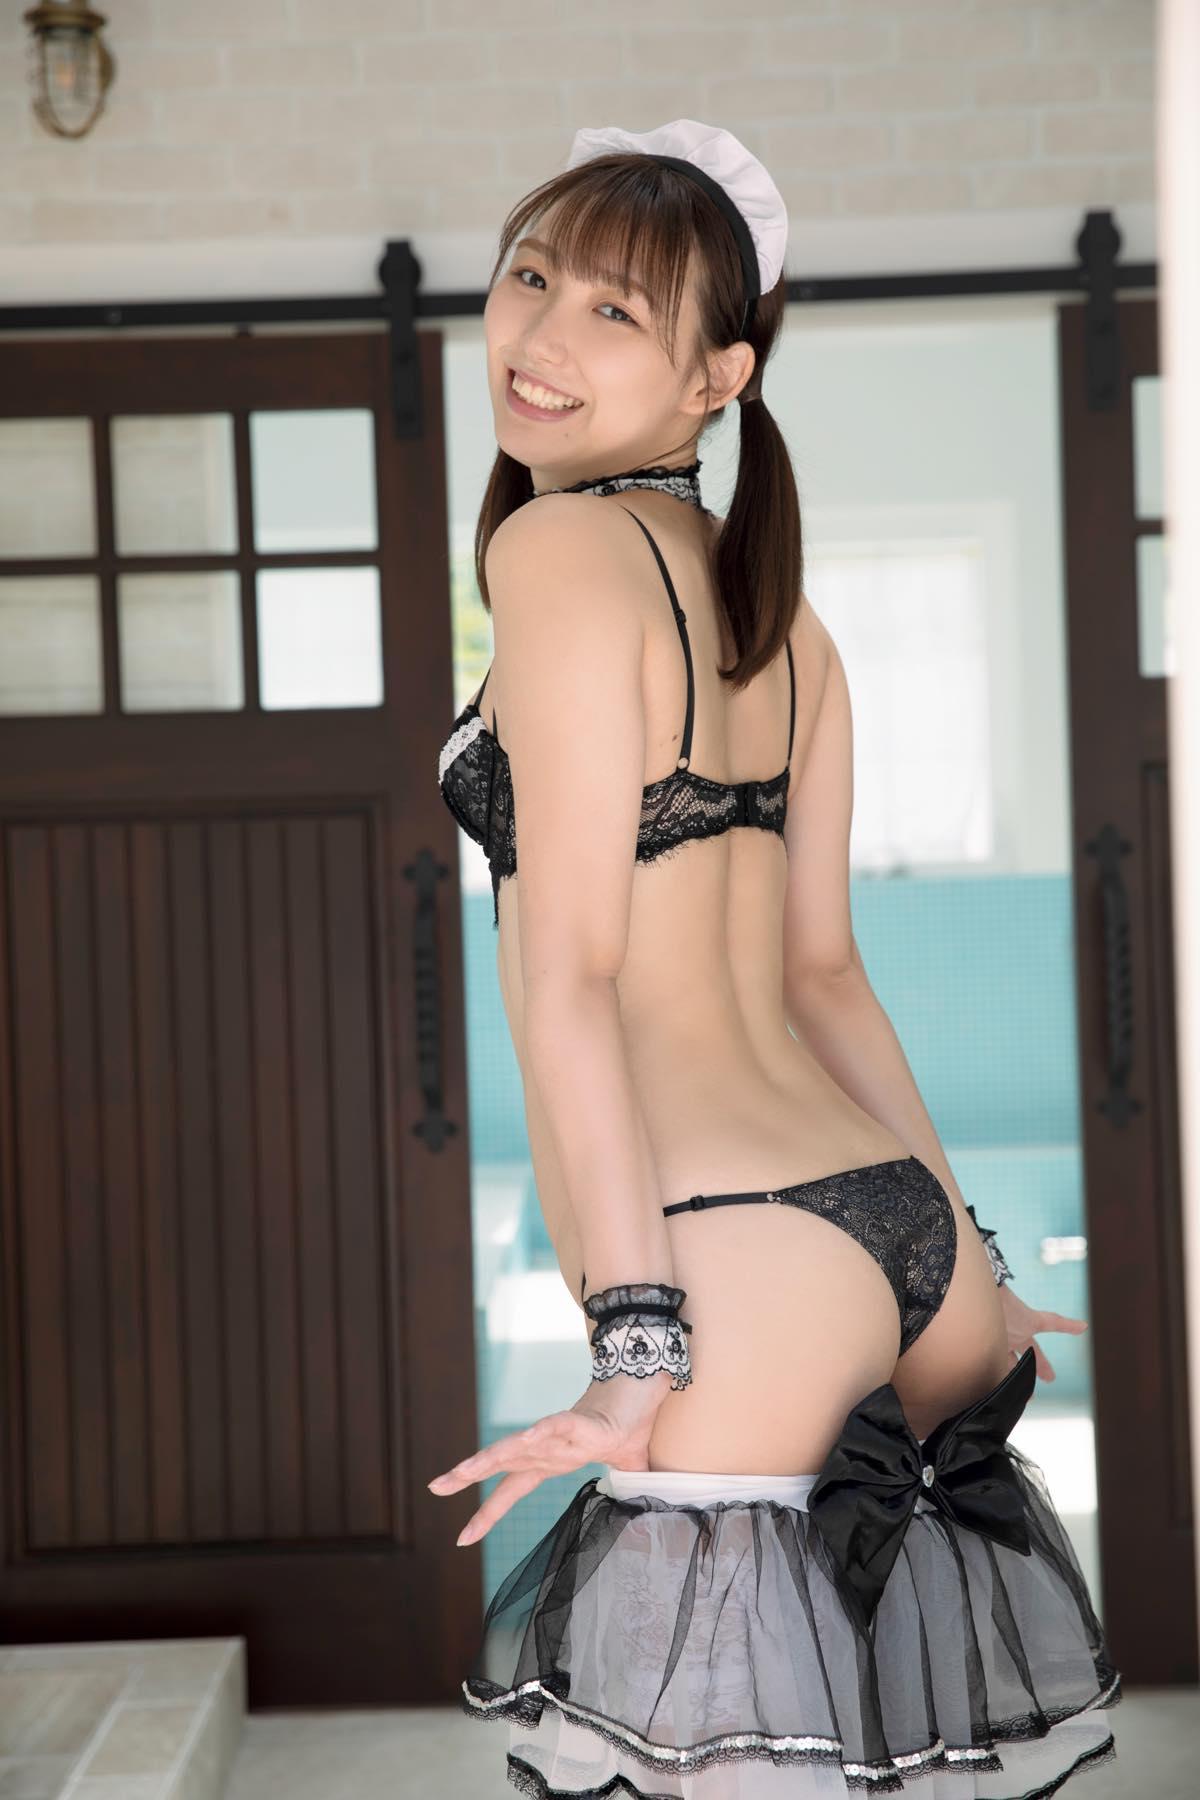 新田ゆう「長身スレンダーボディ」元フィギア選手の極小ビキニ【画像10枚】の画像001